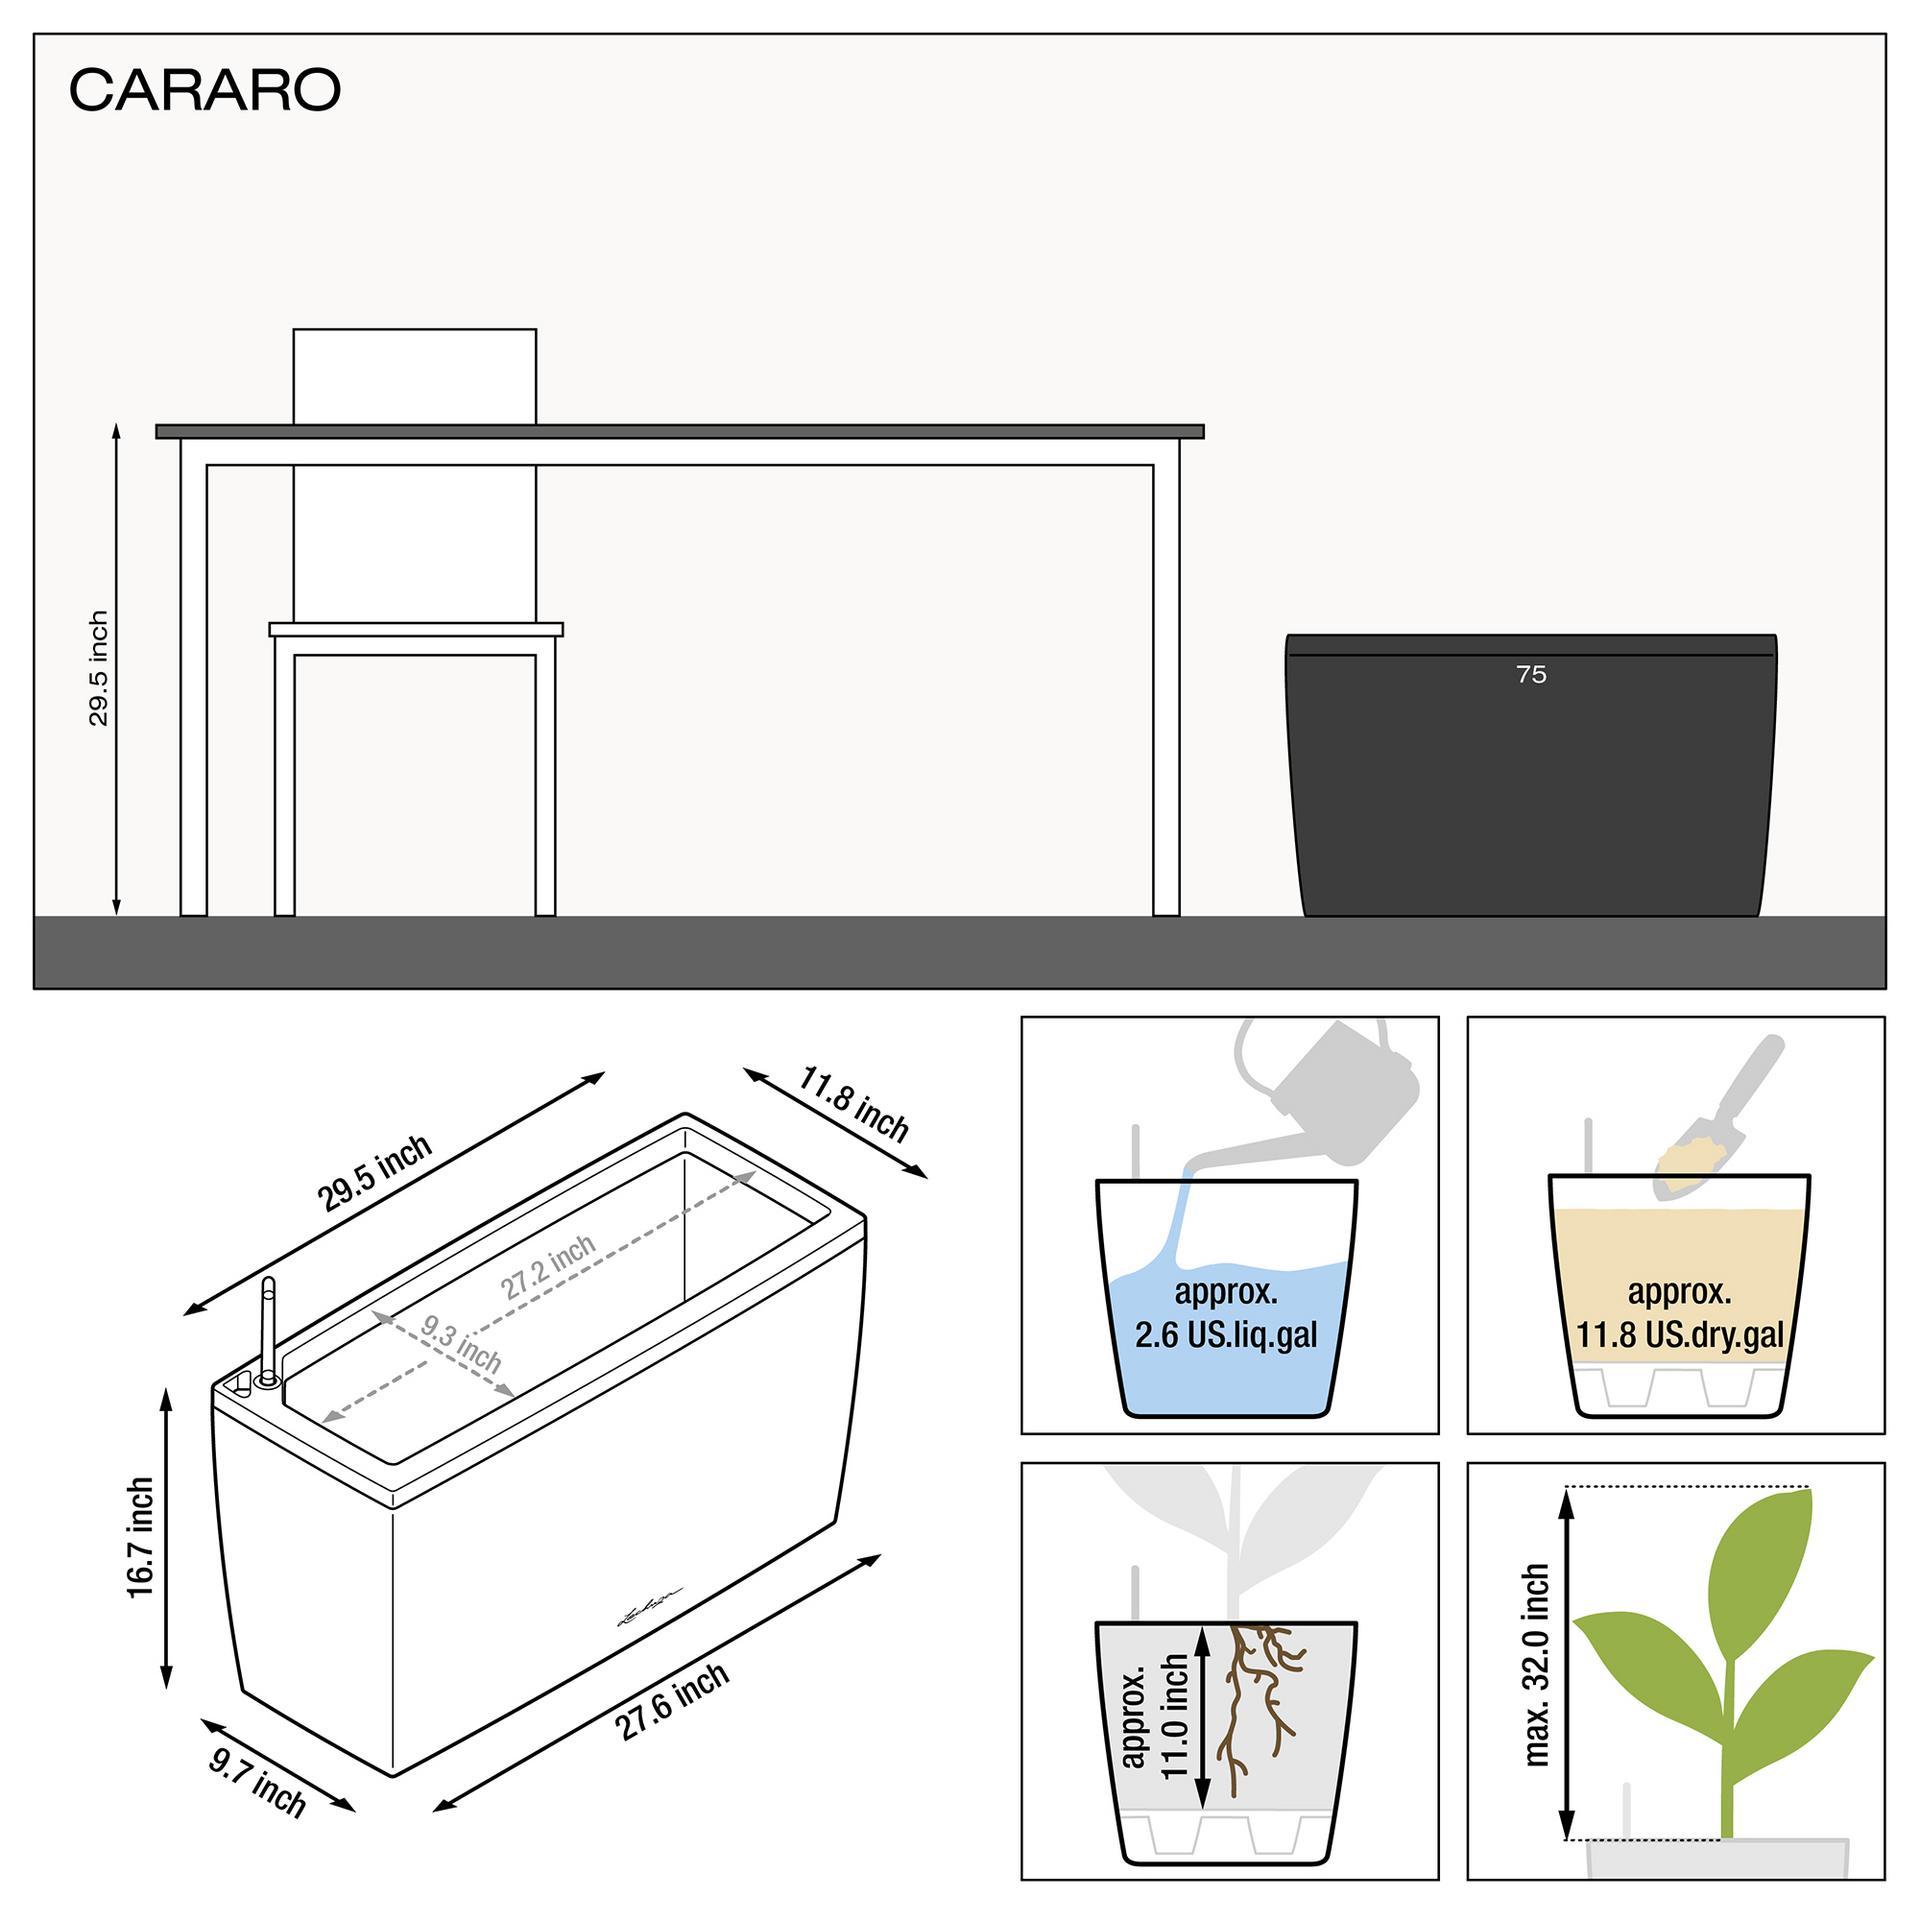 le_cararo_product_addi_nz_us